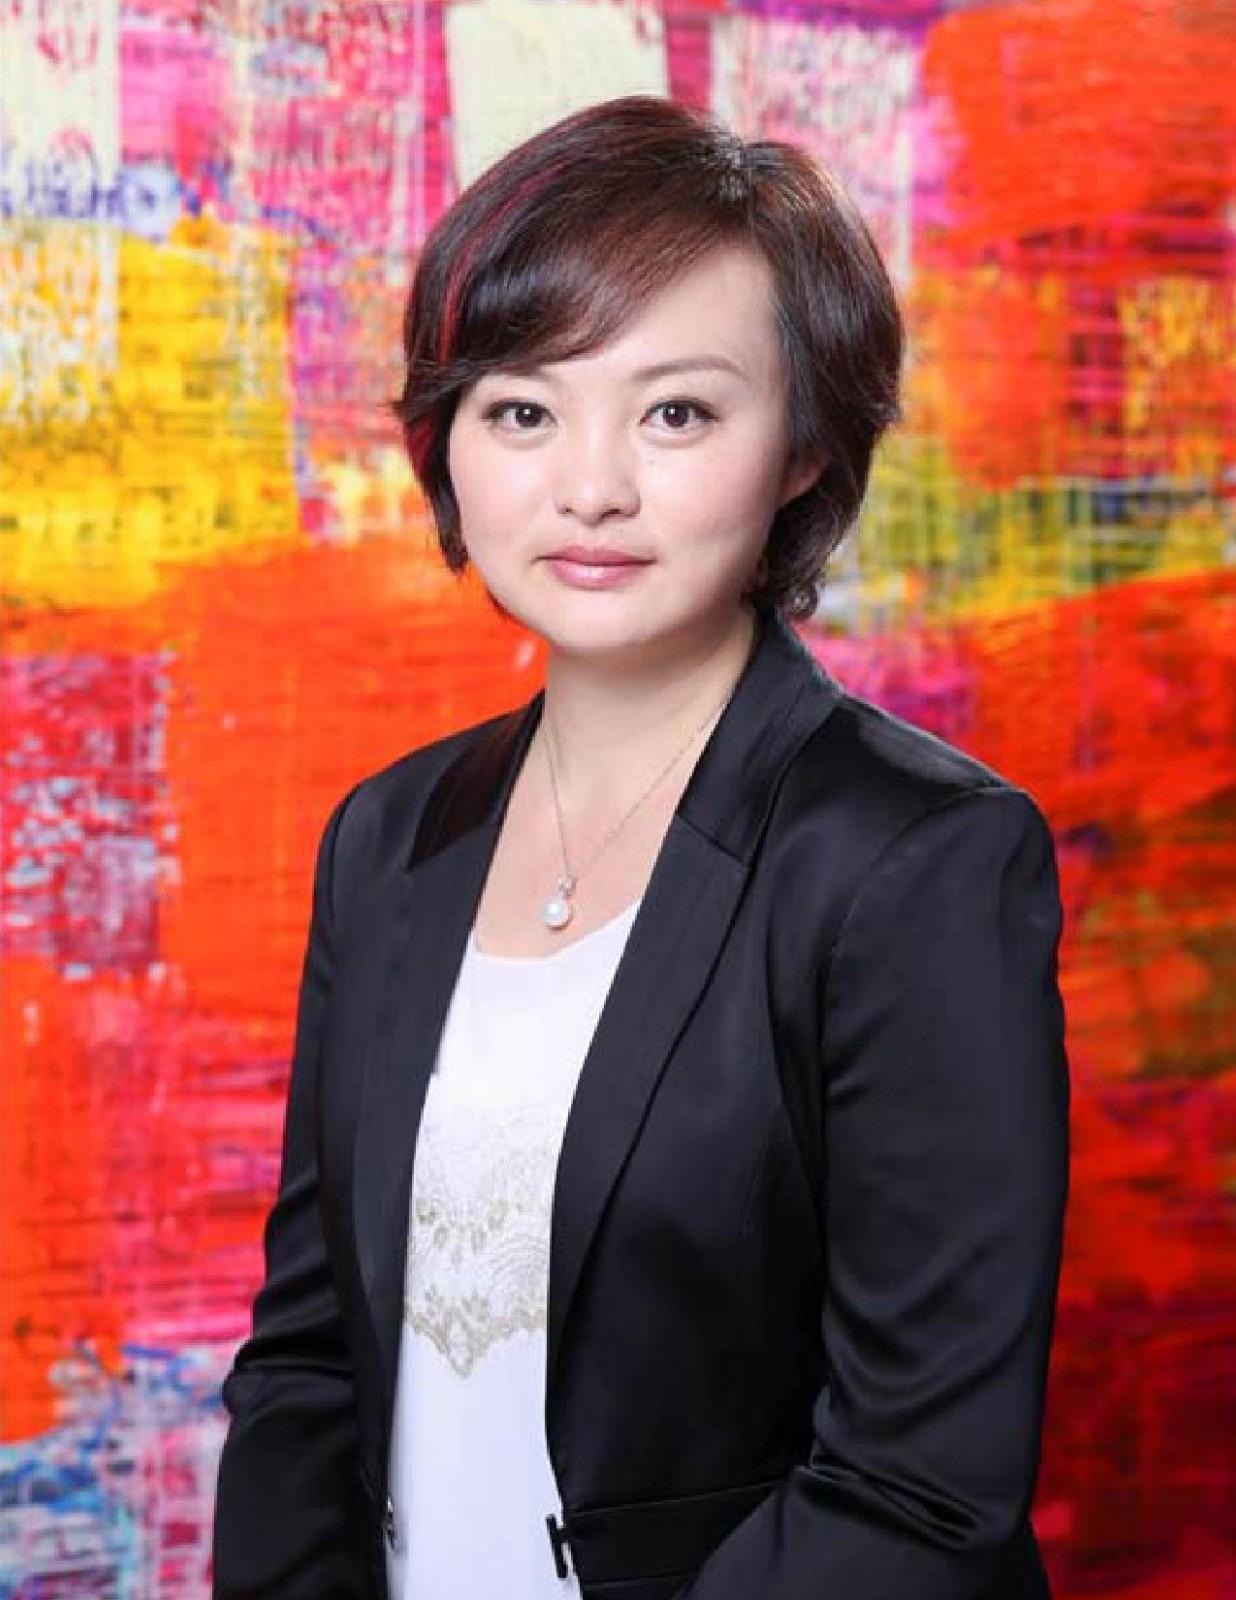 Xiao Shang